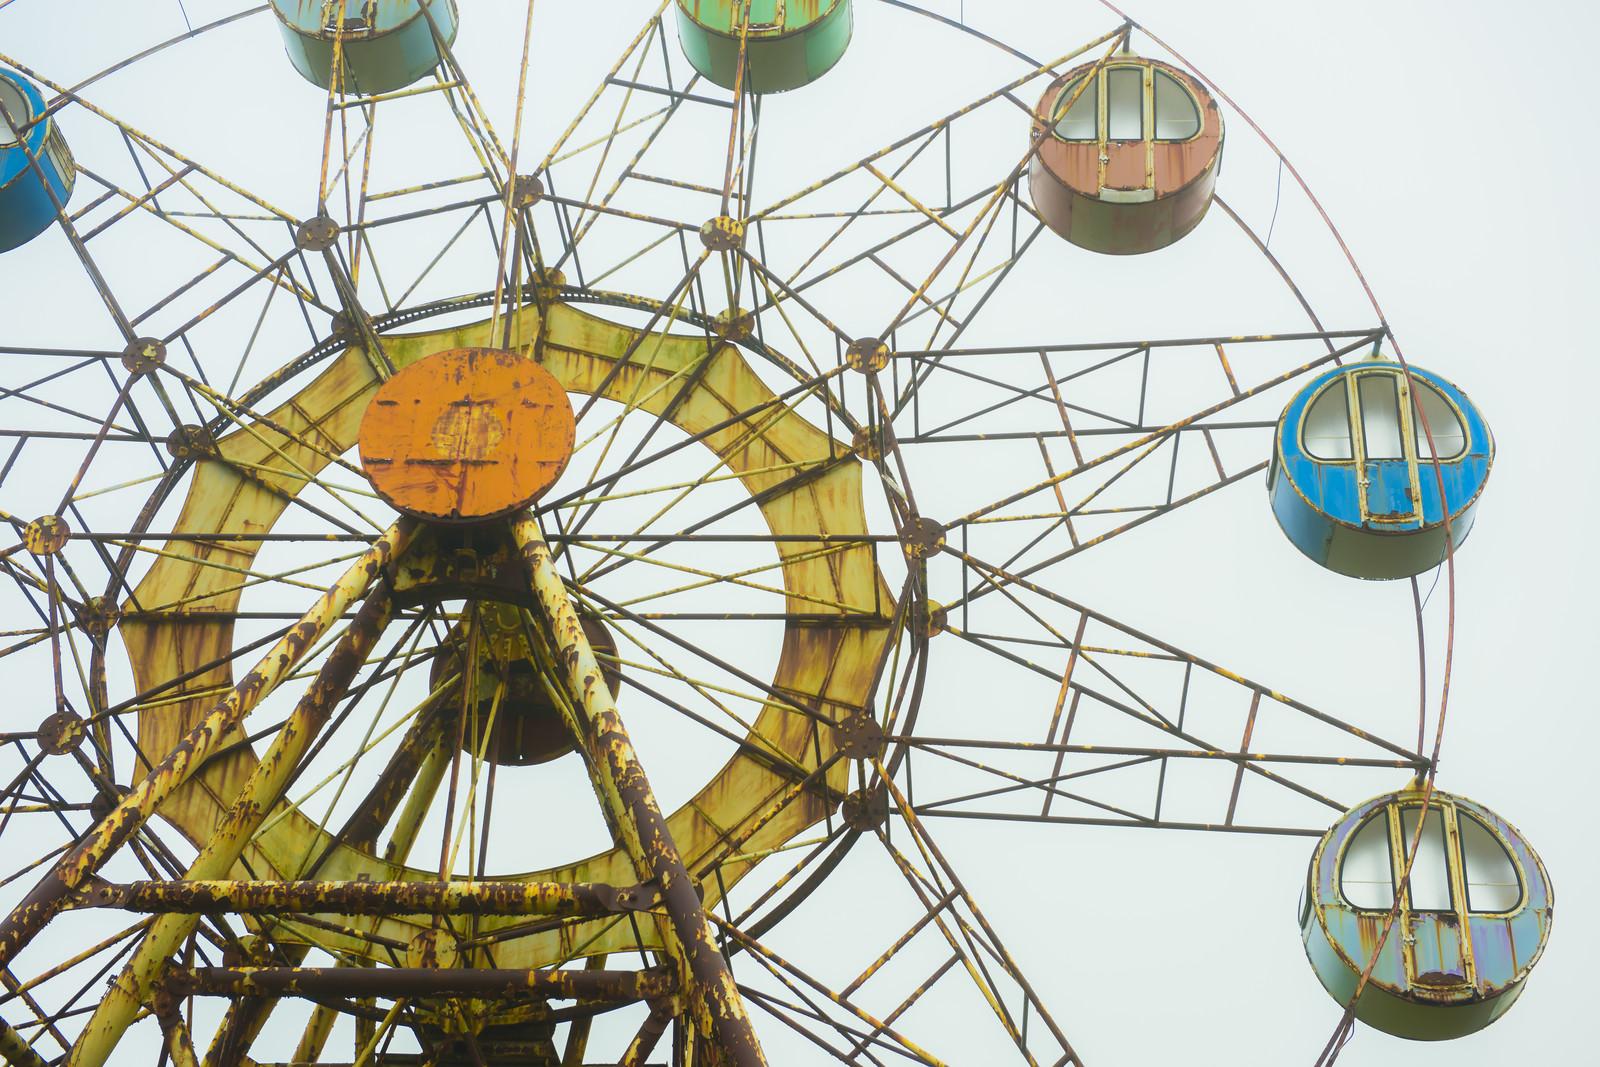 神野公園のこども遊園地がレトロで楽しい!料金やおすすめアトラクションは?